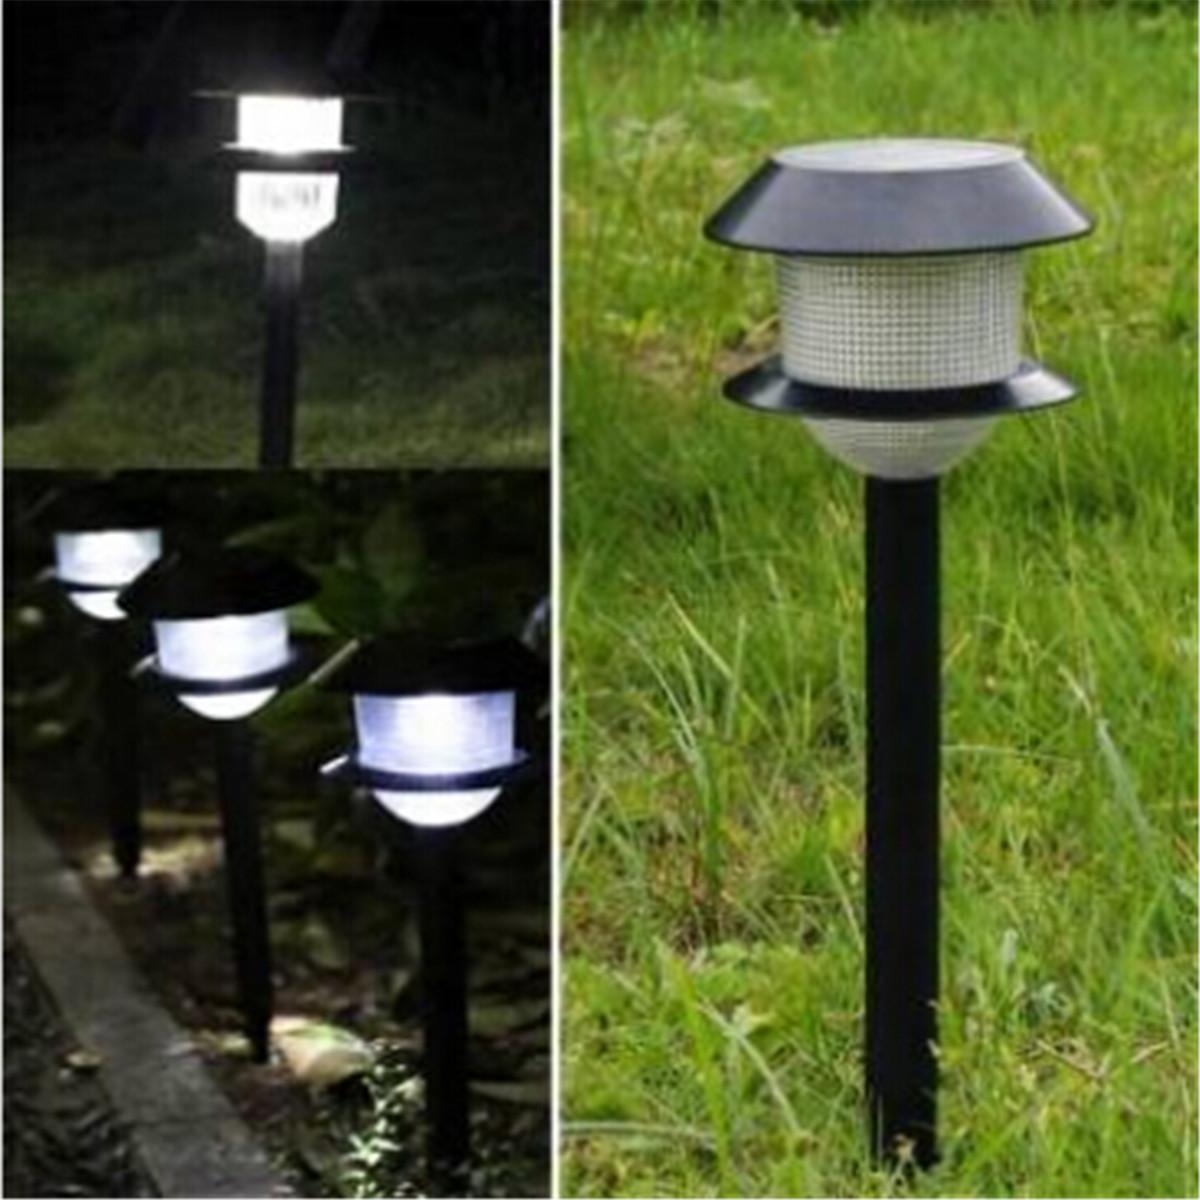 lampe solaire exterieure - Ecosia